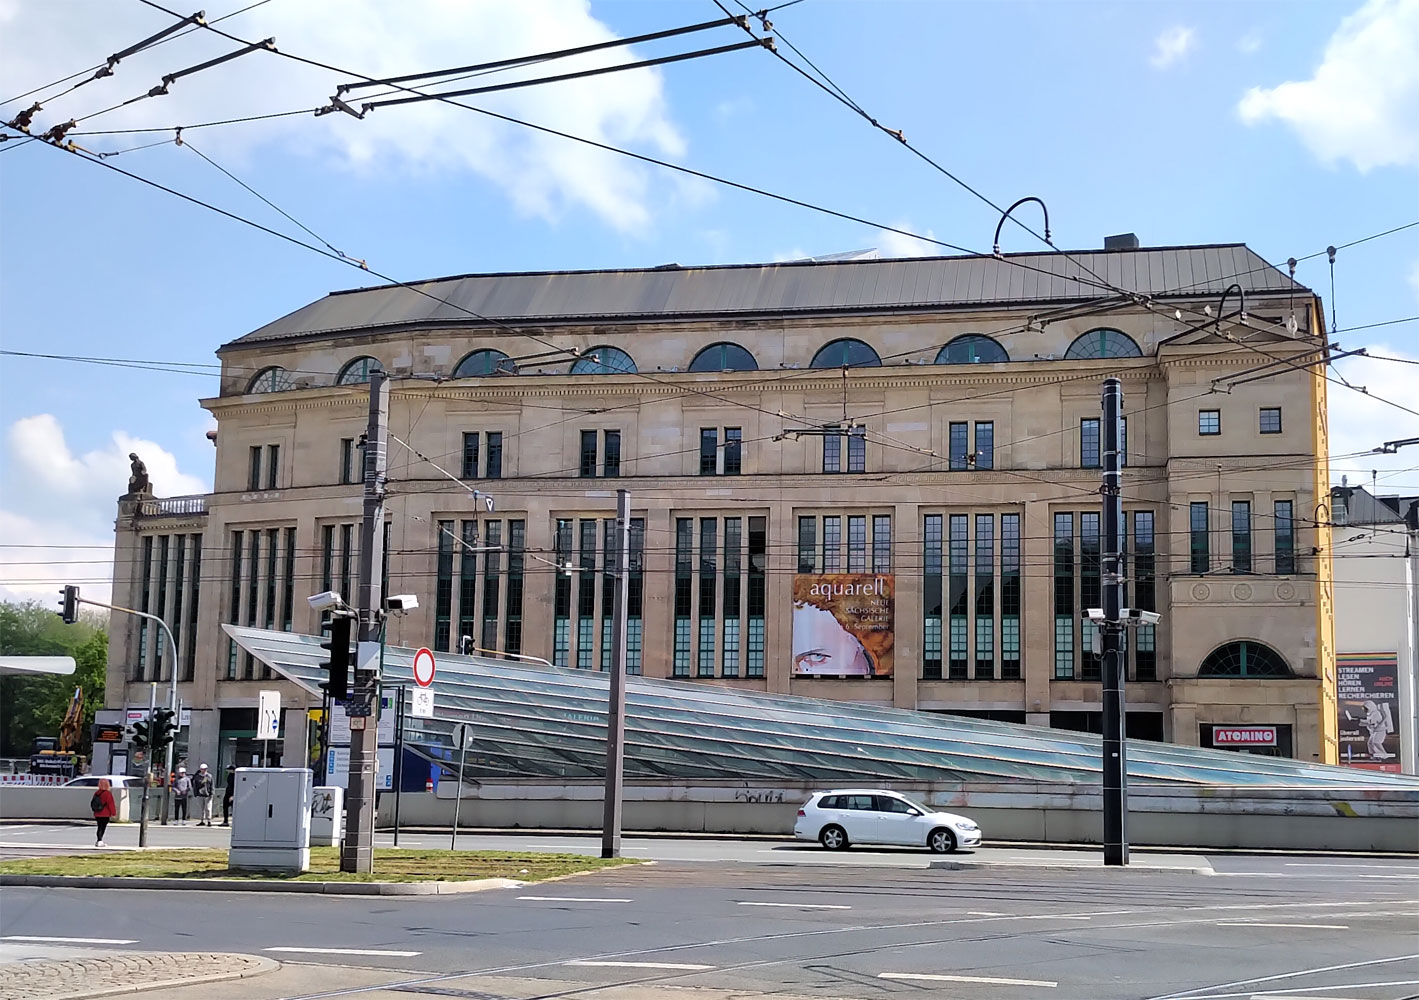 Neue Saechsische Galerie Chemnitz Außenansicht mit Aquarell-Transparent